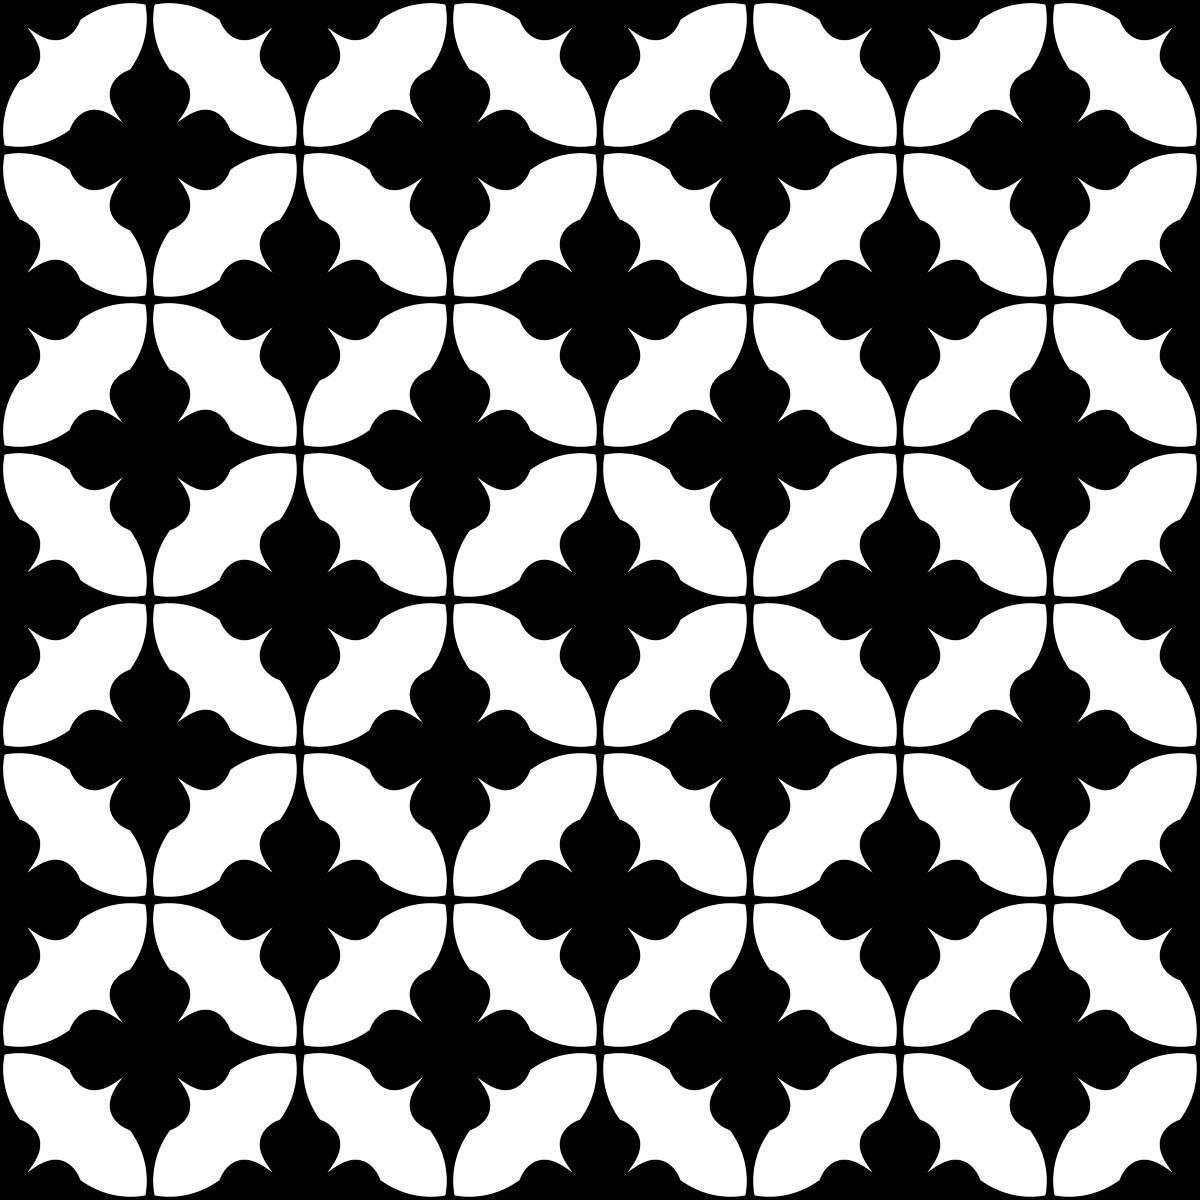 Papel de Parede Preto e Branco Retrô | Adesivo Vinilico imagem 2